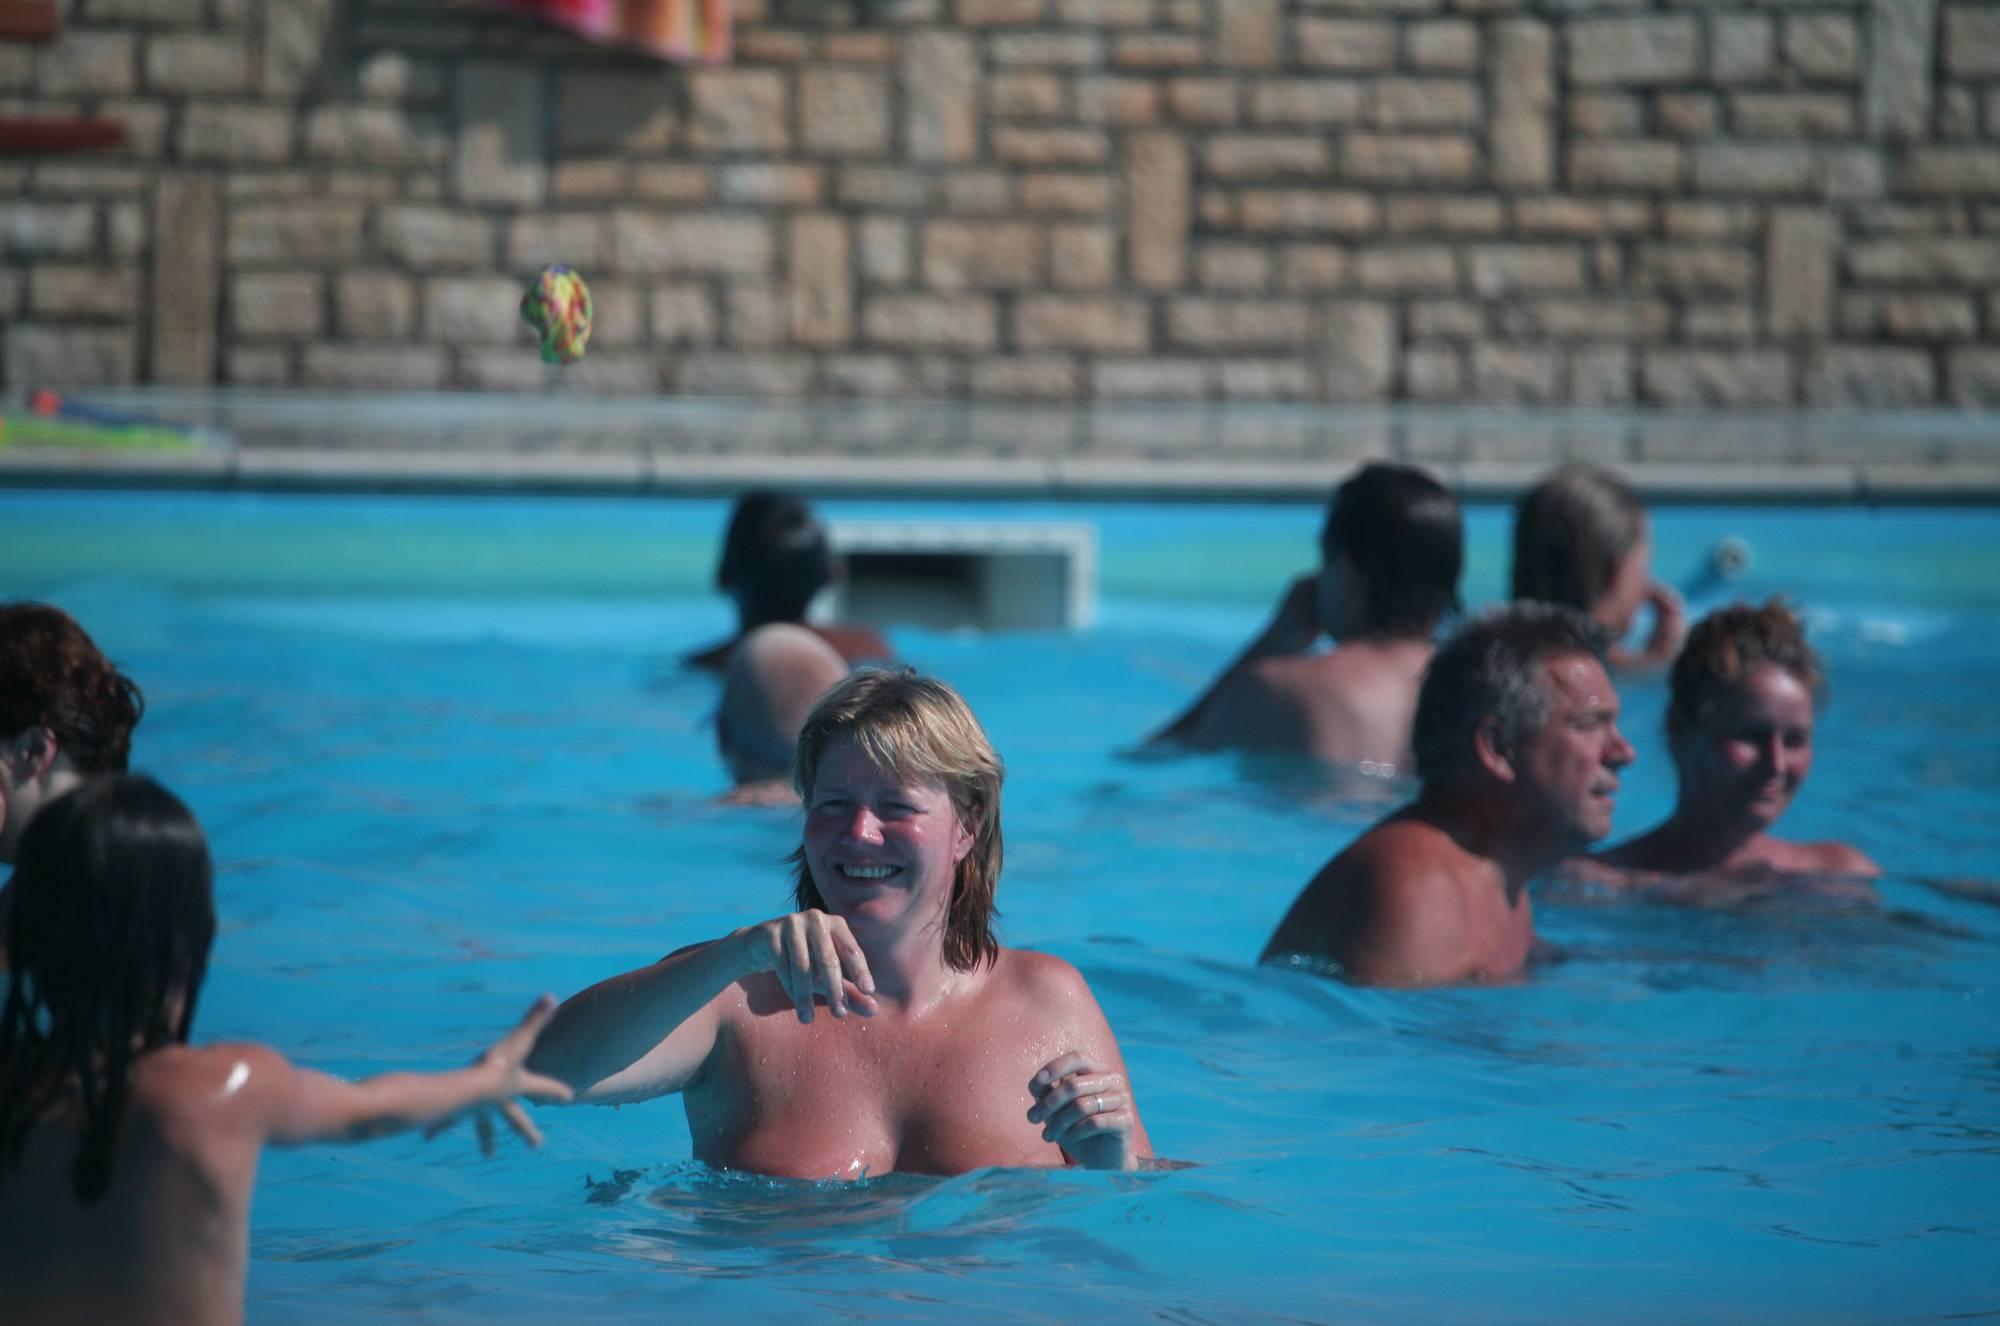 Nudist Gallery Inside Nudist Pool Waters - 1